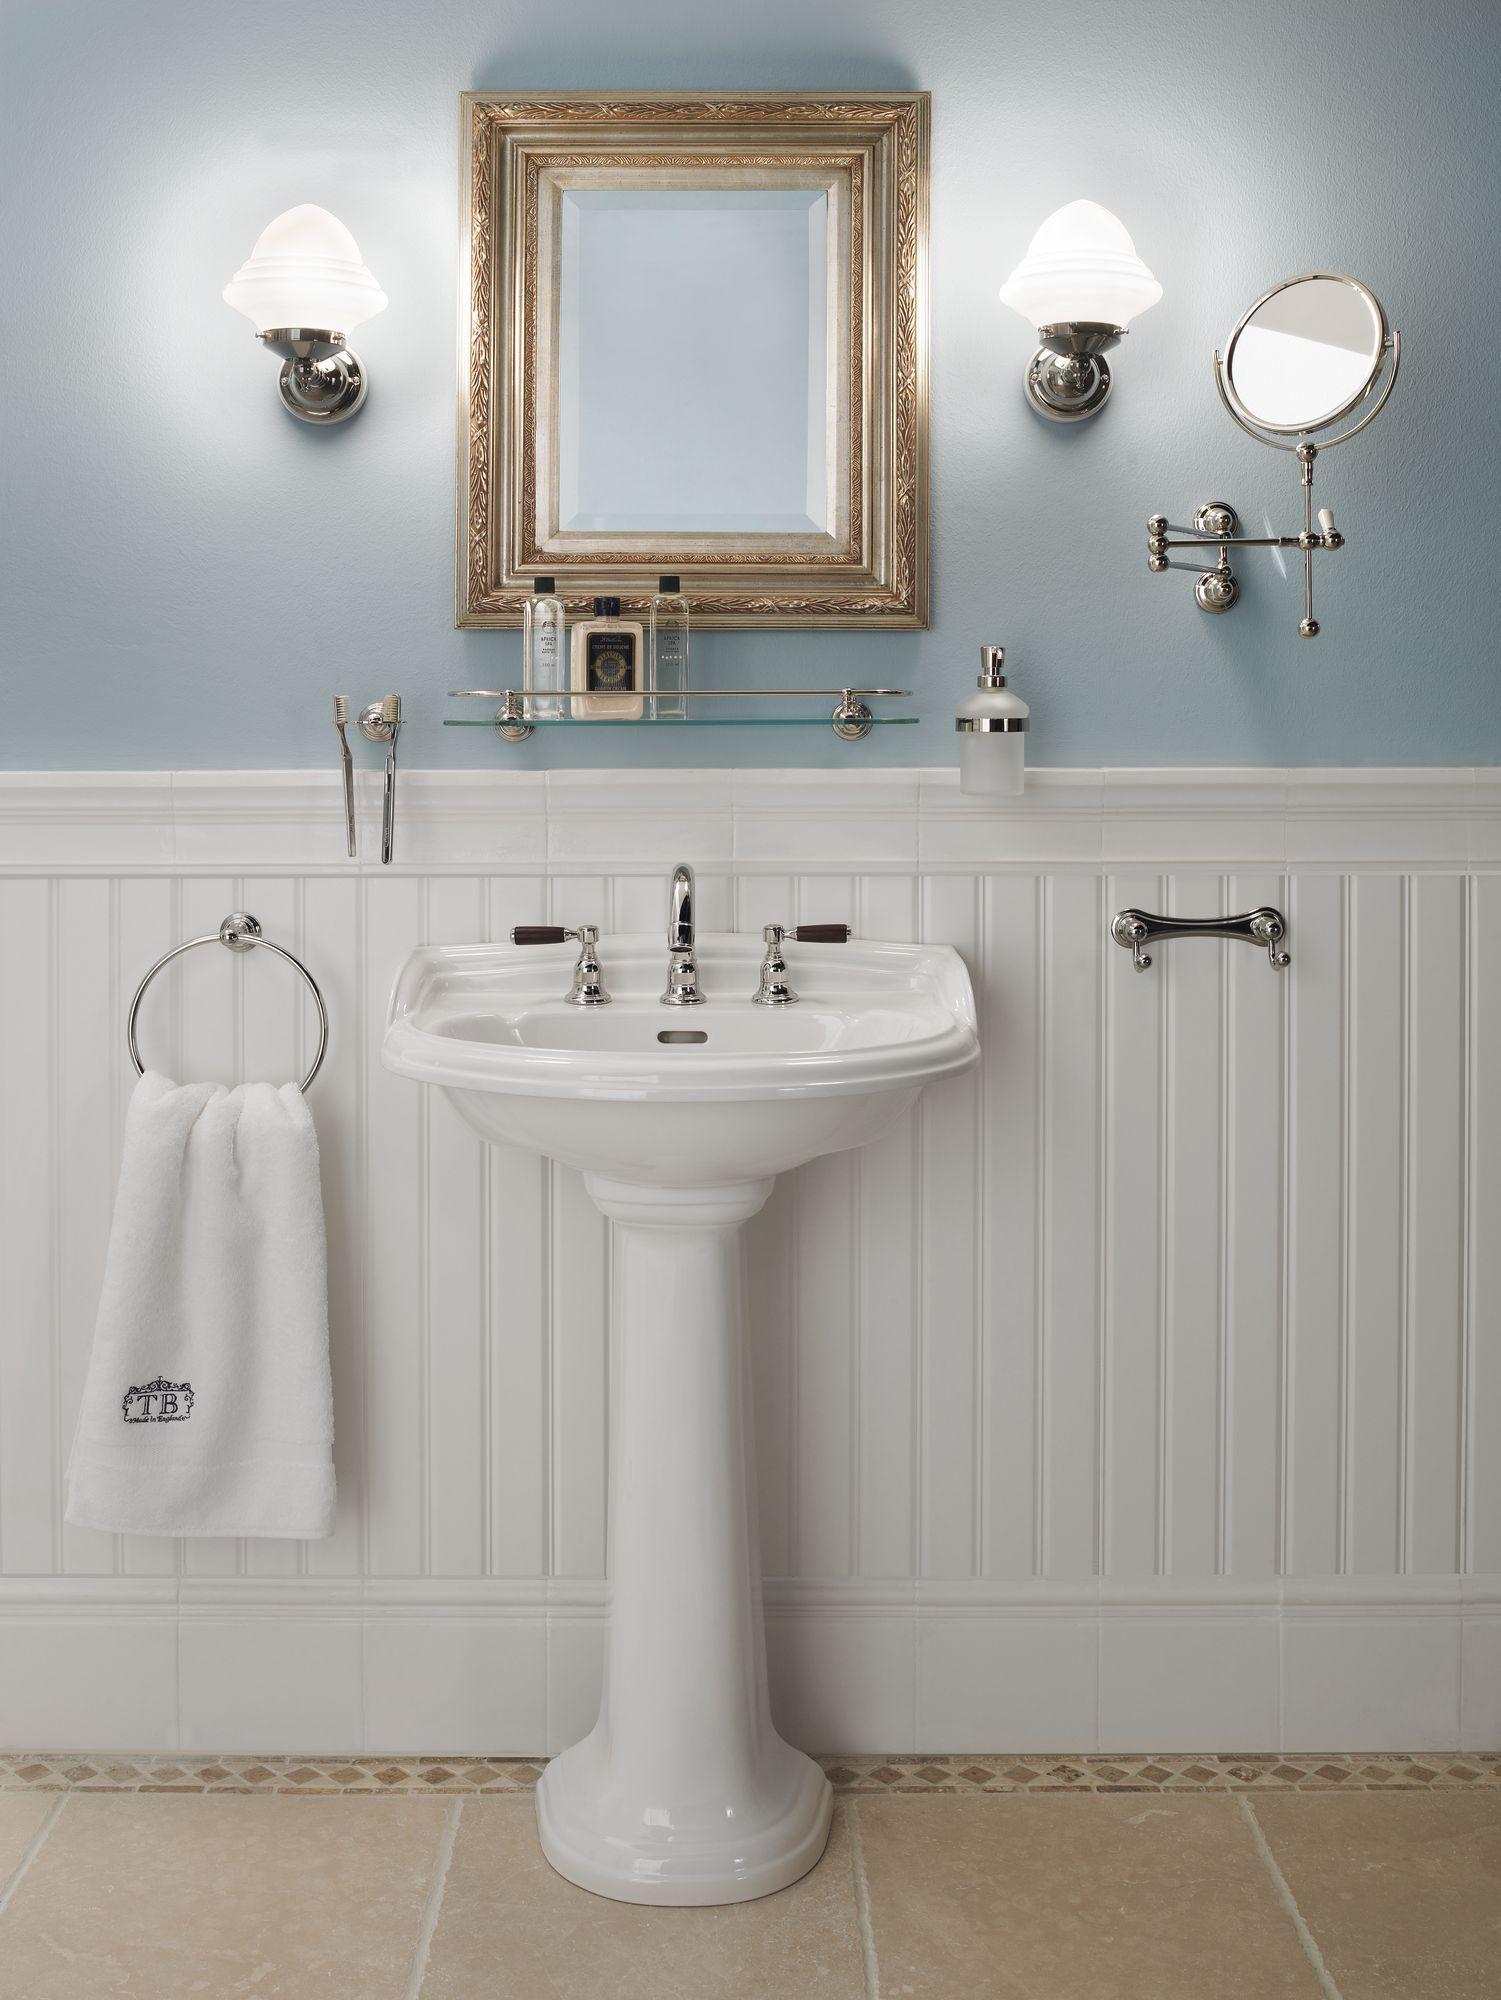 DORCHESTER Waschtisch MEDIUM U2013 TRADITIONAL BATHROOMS    Badezimmereinrichtungen